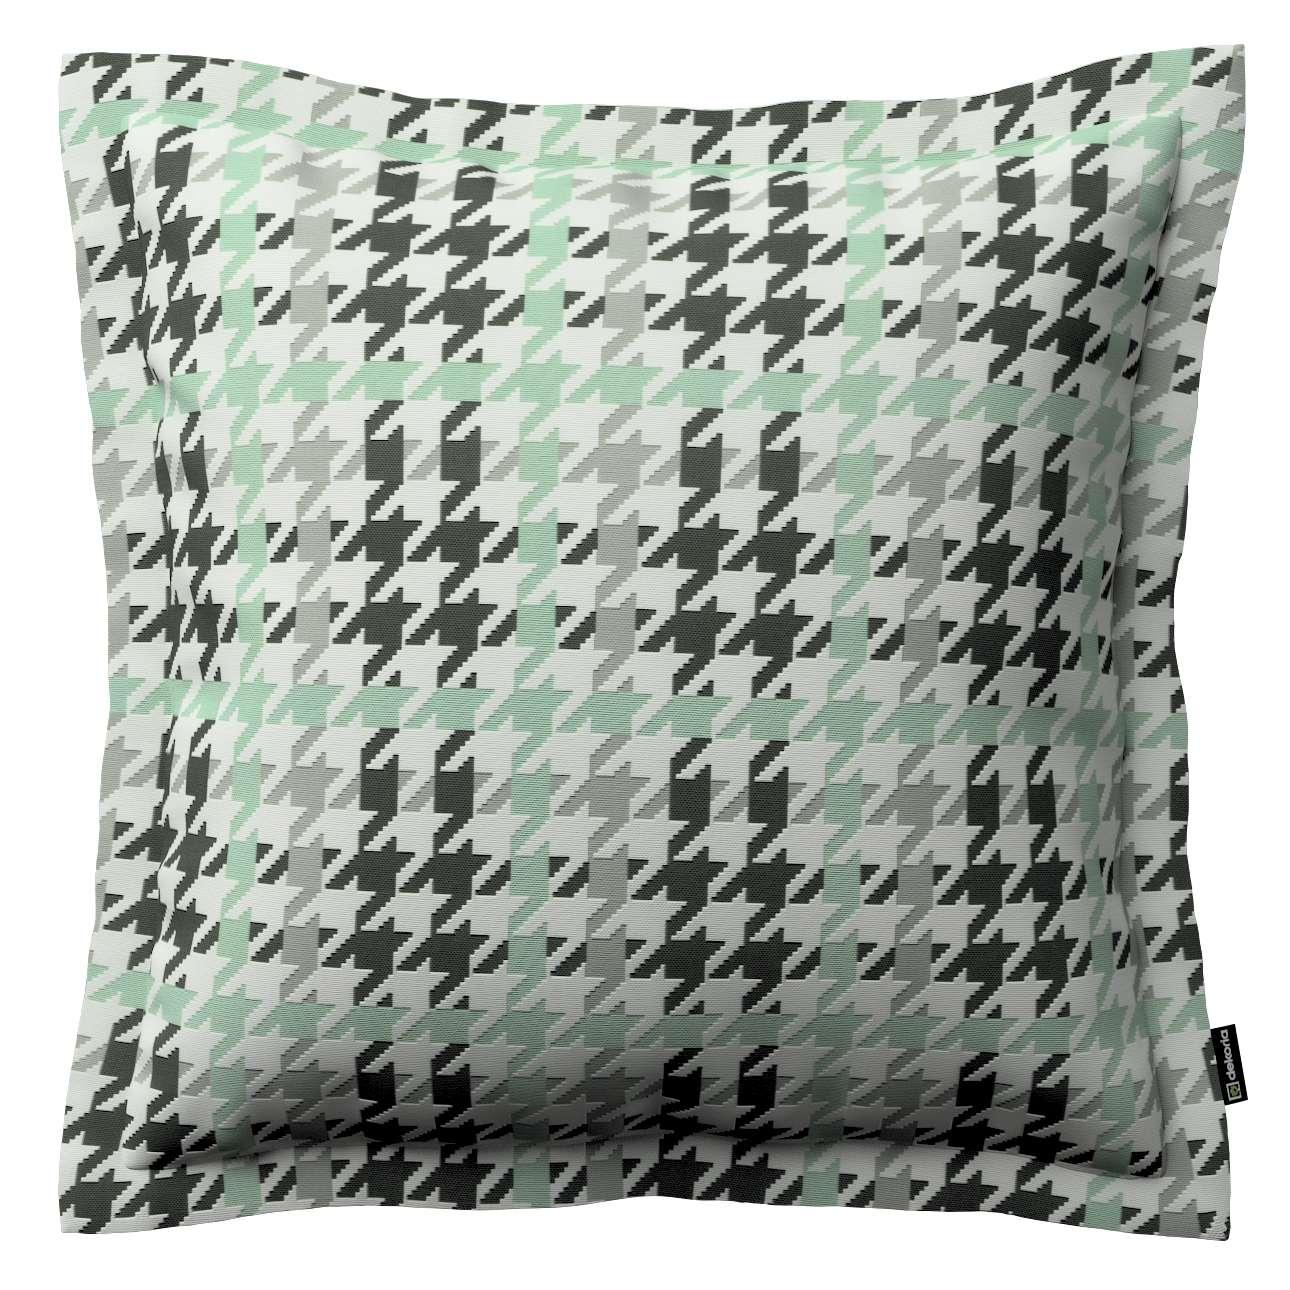 Mona dekoratyvinių pagalvėlių užvalkalas su sienele 45 x 45cm kolekcijoje Brooklyn, audinys: 137-77